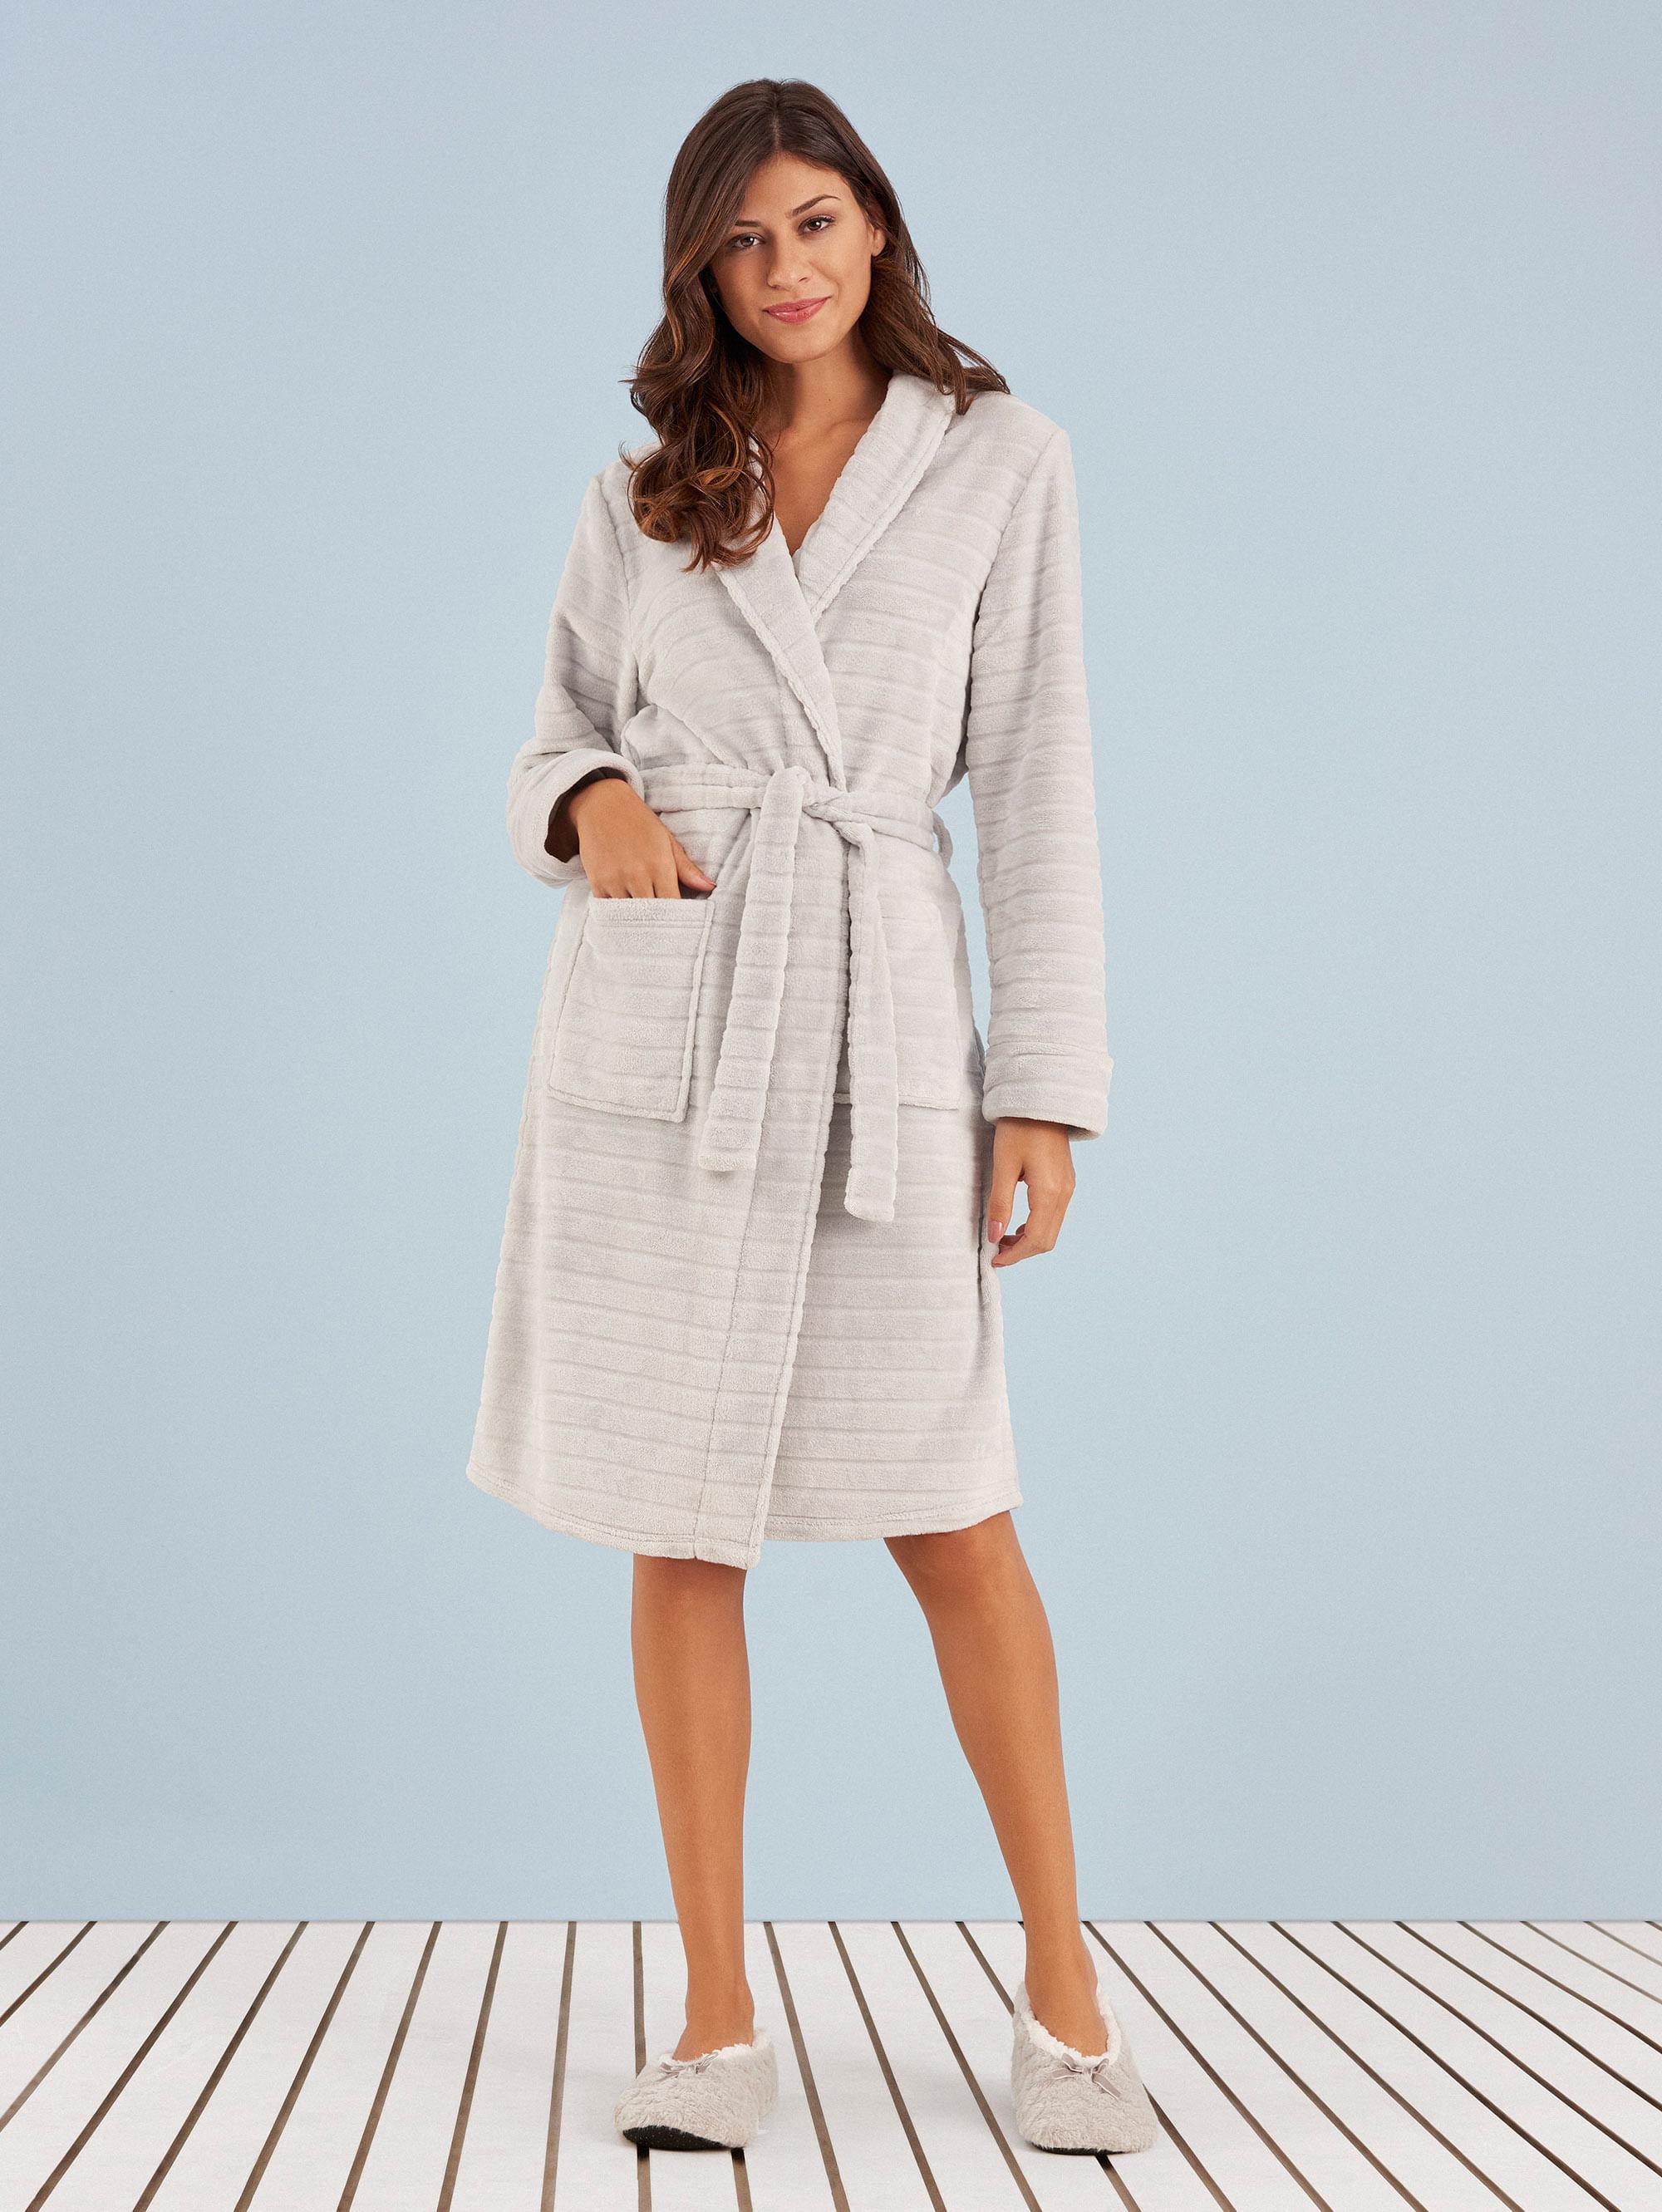 robe-manga-longa-soft-silver-any-any